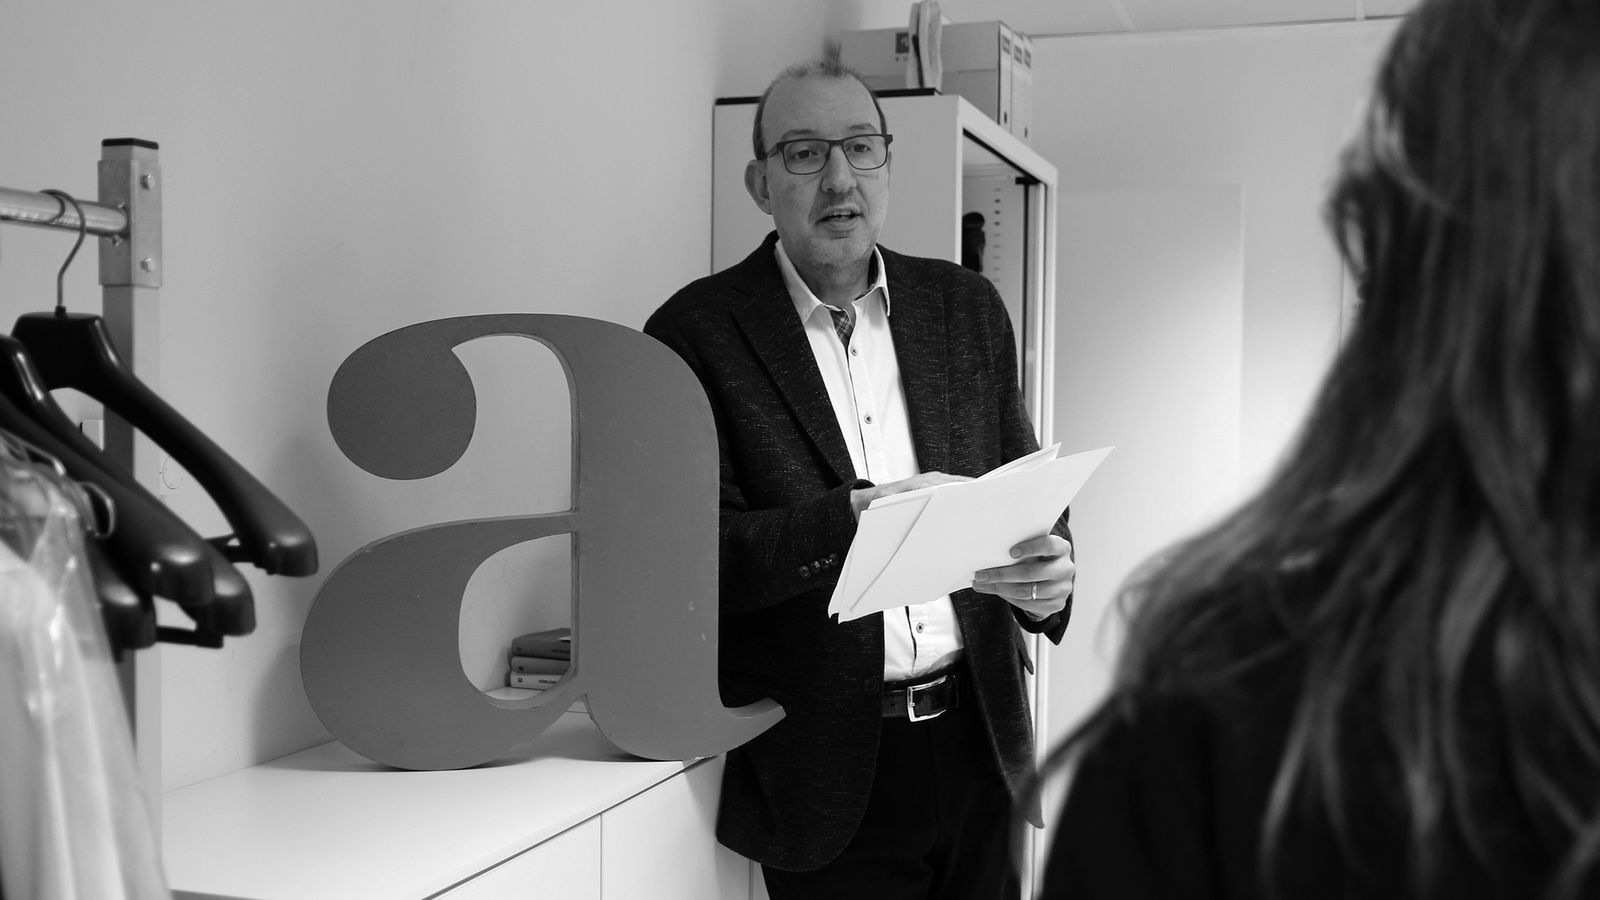 L'editorial d'Antoni Bassas: Les raons continuen intactes